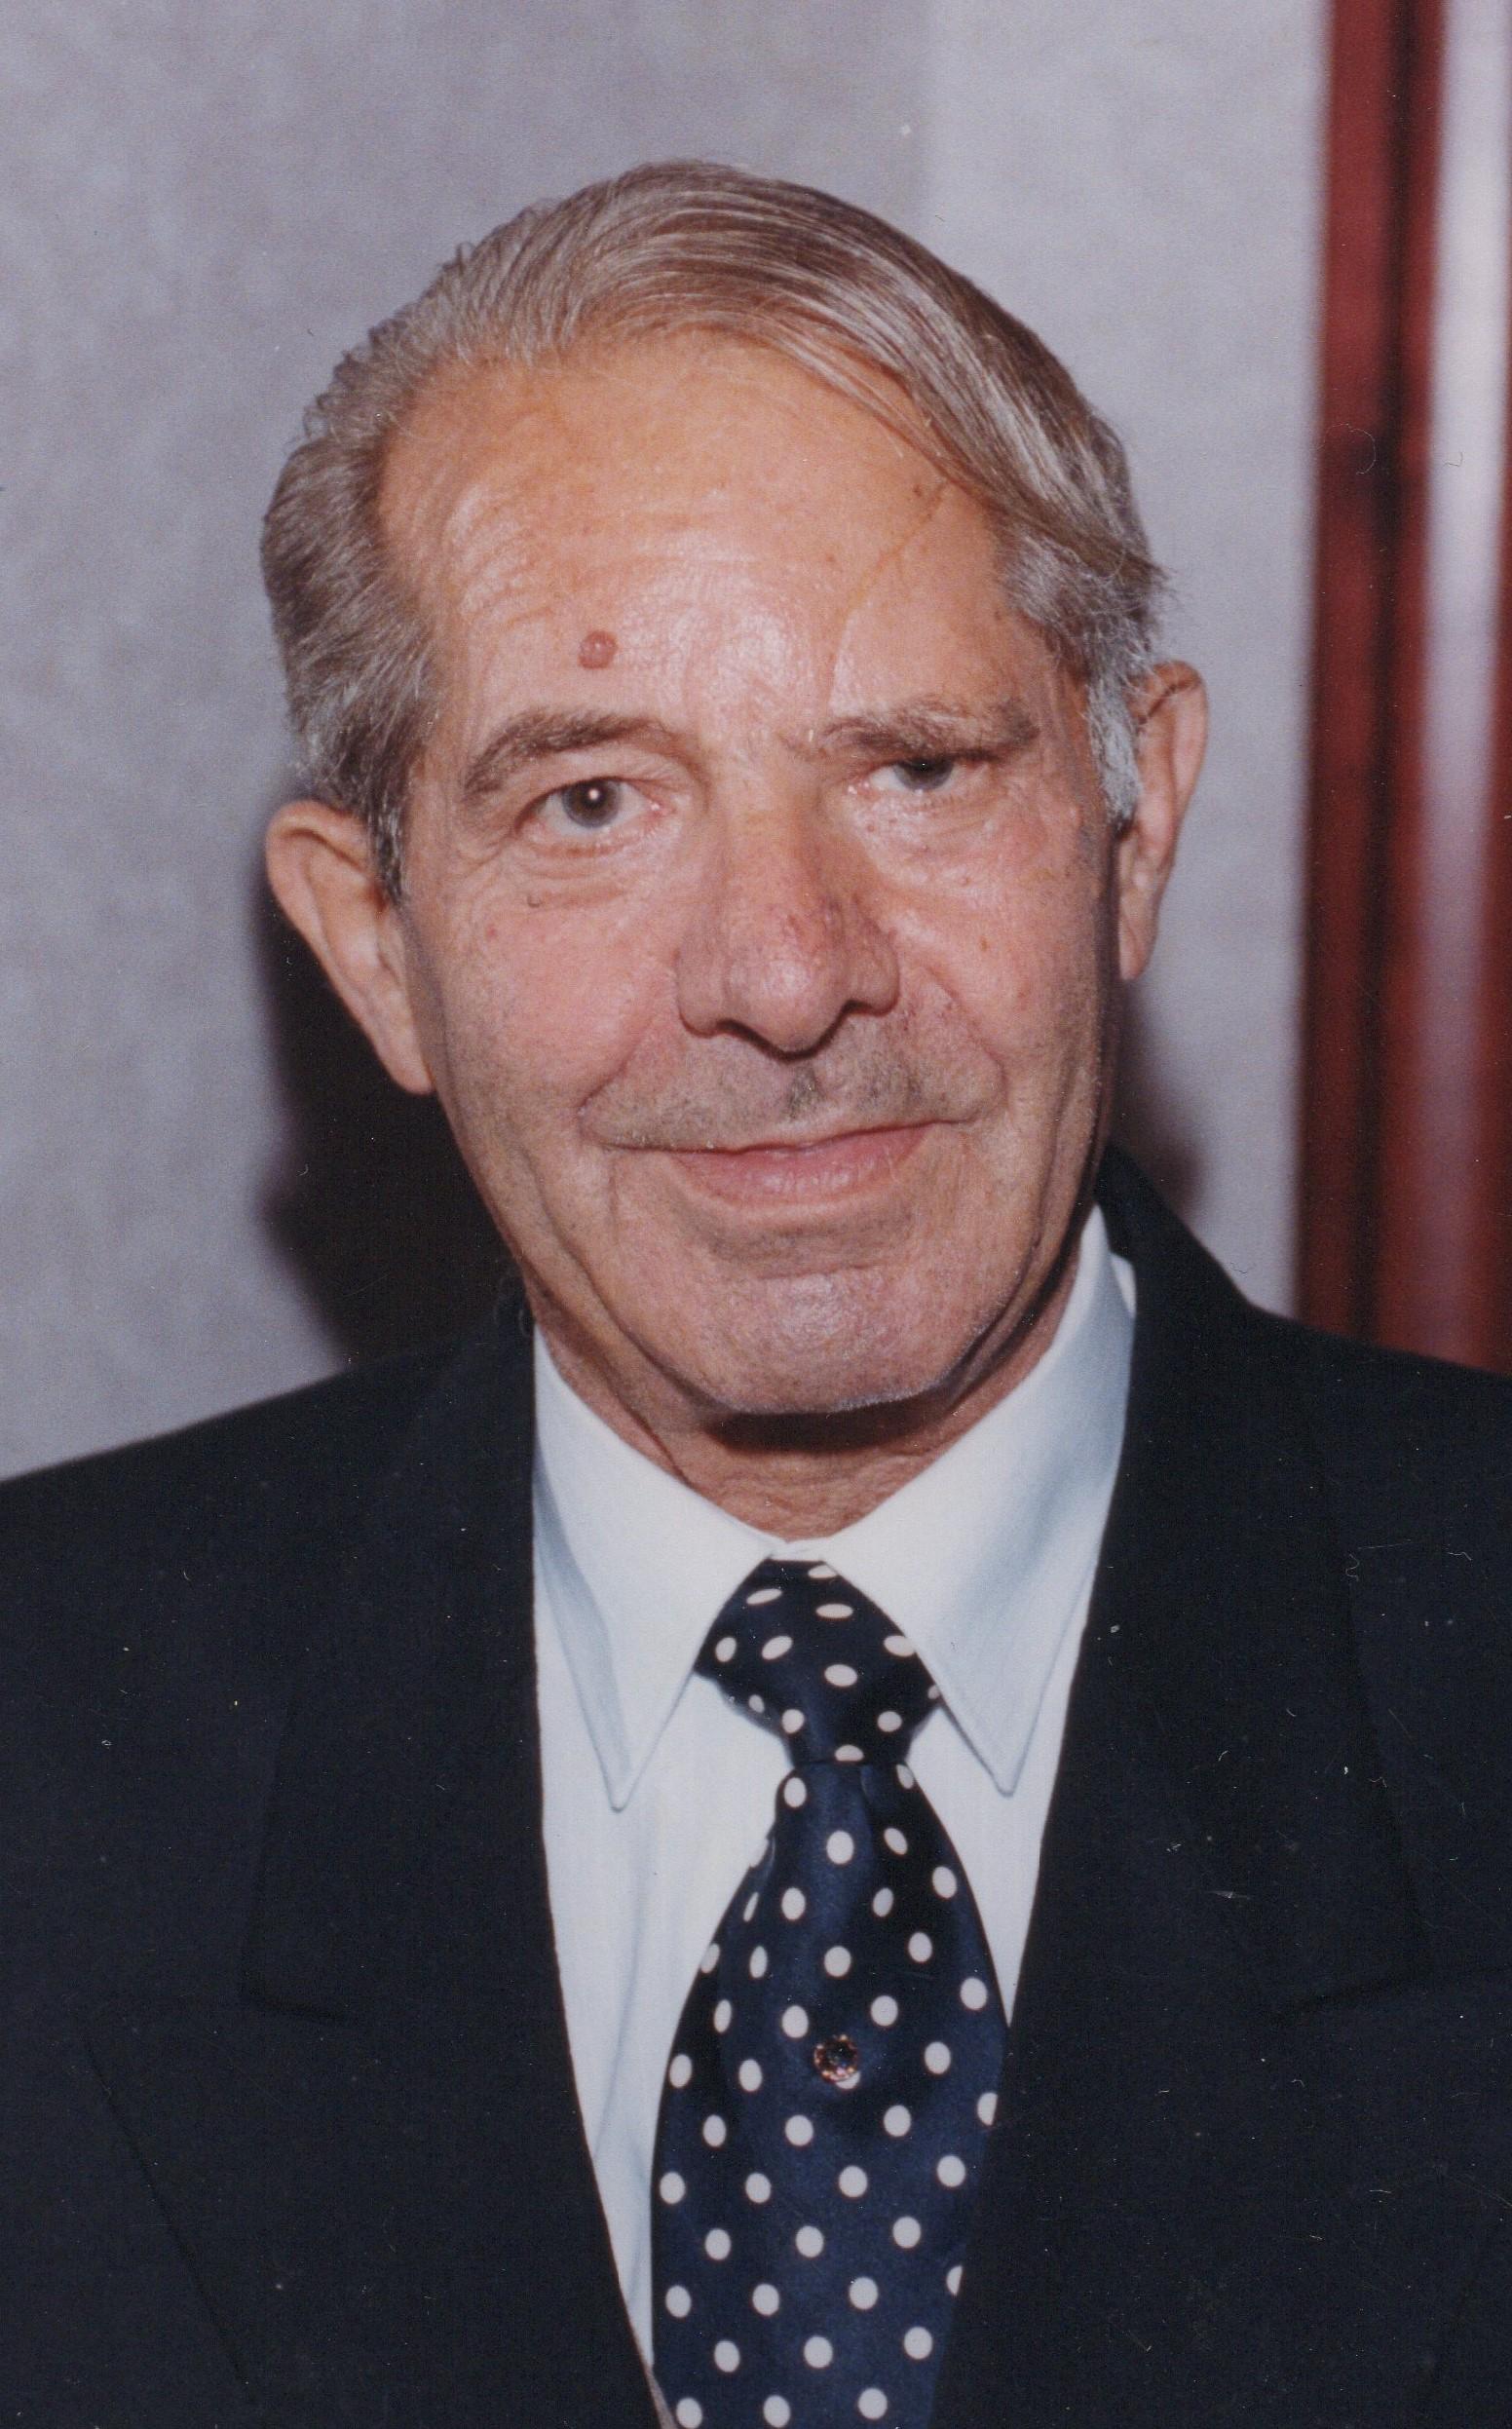 Domenico Iera